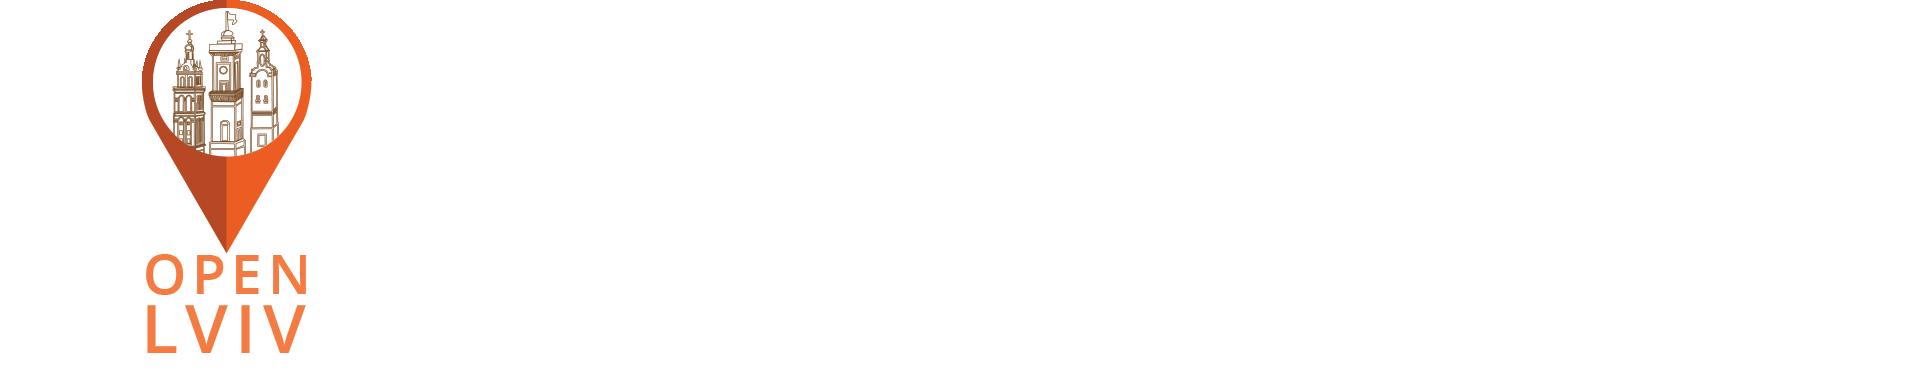 Екскурсії по Львову. Відкрий Львів для себе!